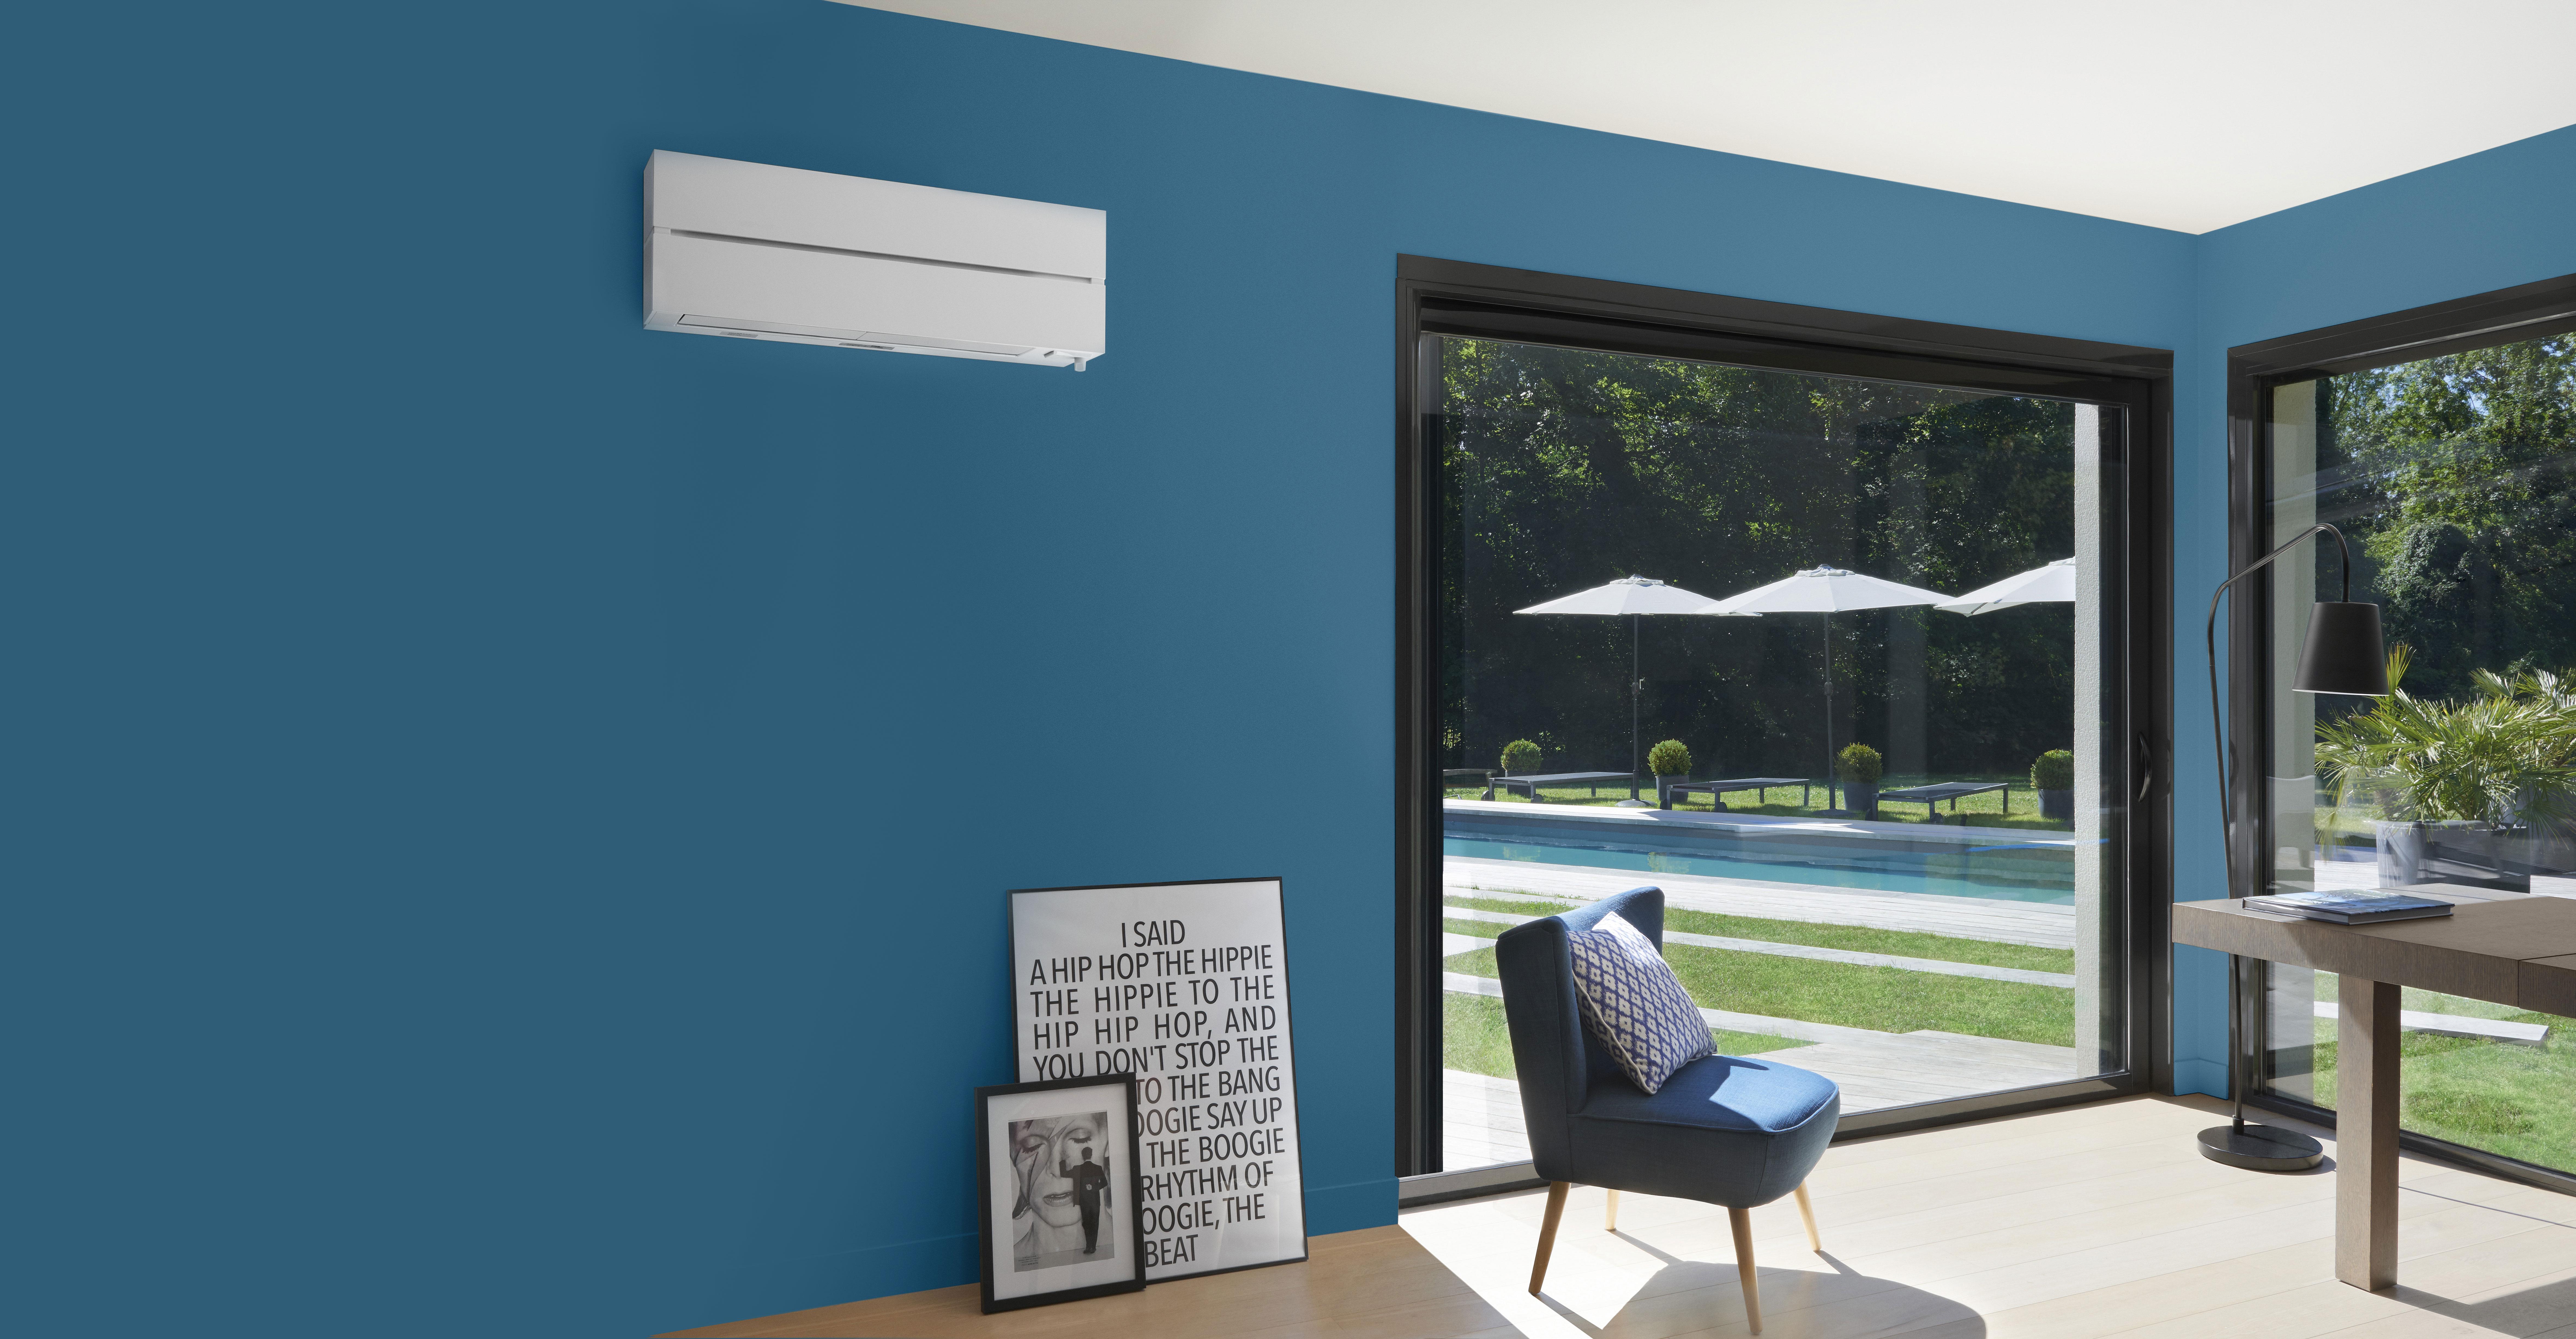 chauffage-pompe-a-chaleur-clime-climatisation-reversible-roanne-loire-atelier-eco-energies